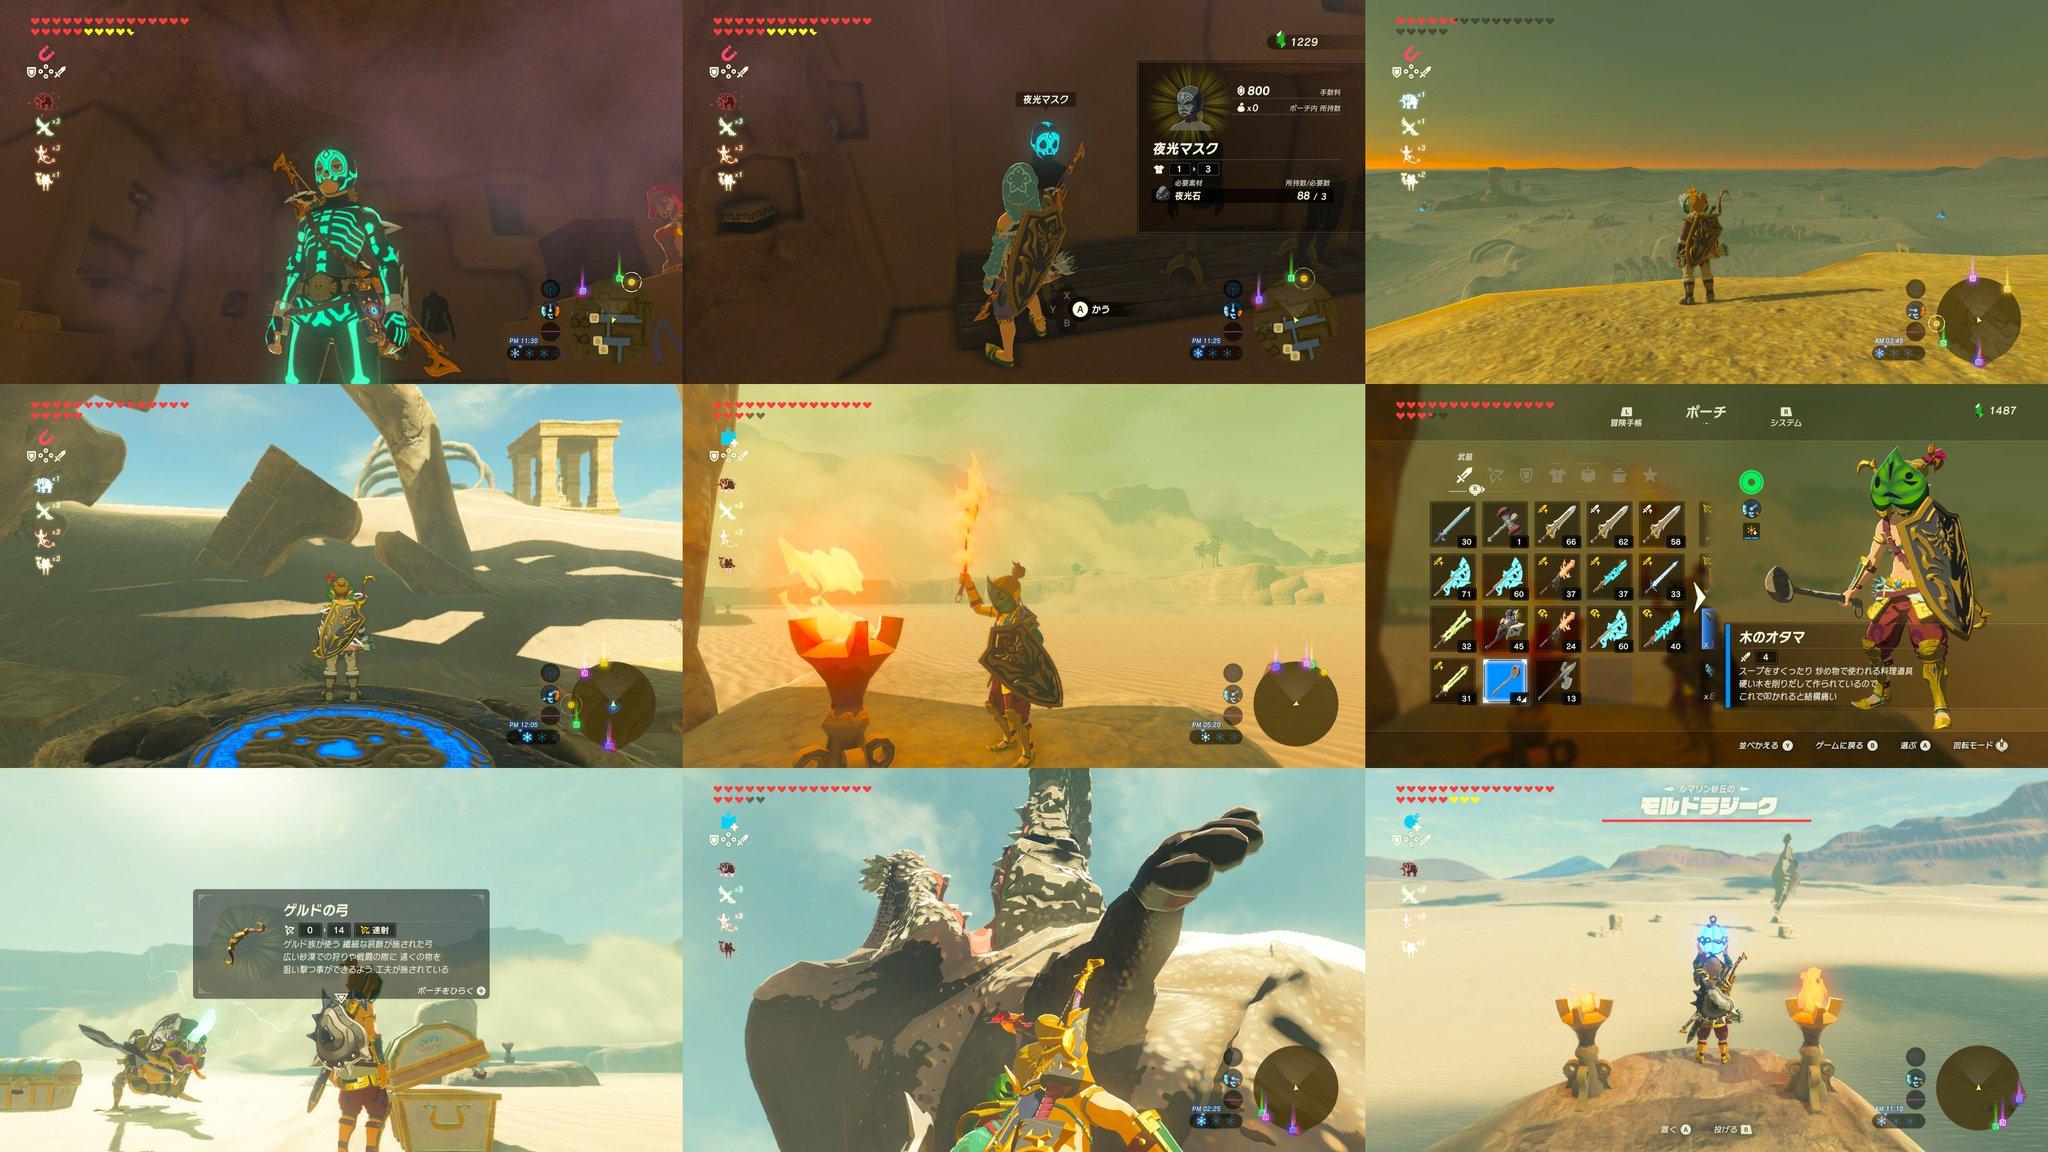 ひさびさに砂漠地方へ。迷い込むと砂嵐なのか霧なのか地図が見れなくなるエリアがあって探索がつらいなーと思ってたけど祠をひとつクリアしたら晴れた地図が見れるようになった ( ´∀`) ぜんぜん知らんかった・・・ #ゼルダの伝説 #BreathoftheWild #NintendoSwitch https://t.co/VWjgHSSRvI